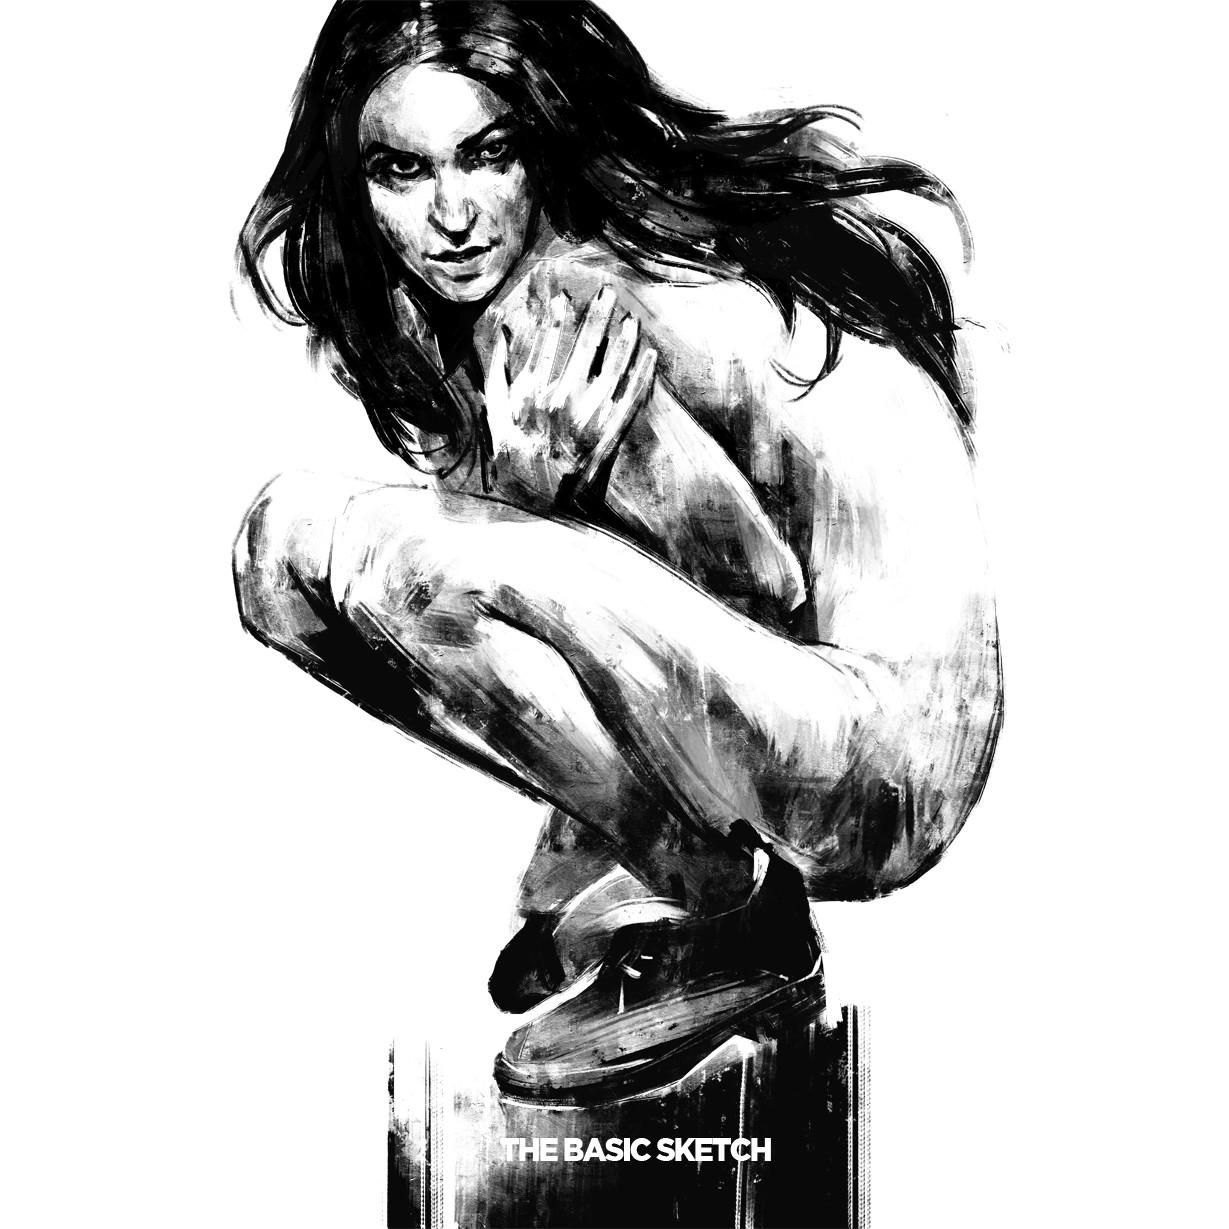 Heri irawan sketch 02 b